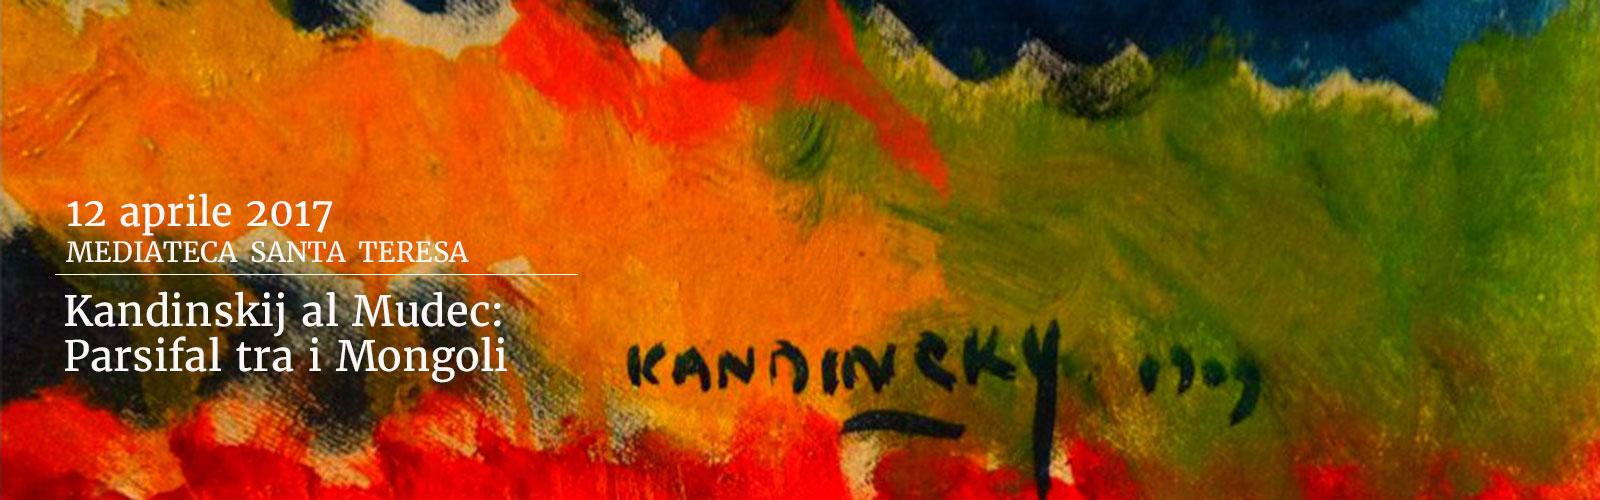 Kandinskij al Mudec: Parsifal tra i Mongoli